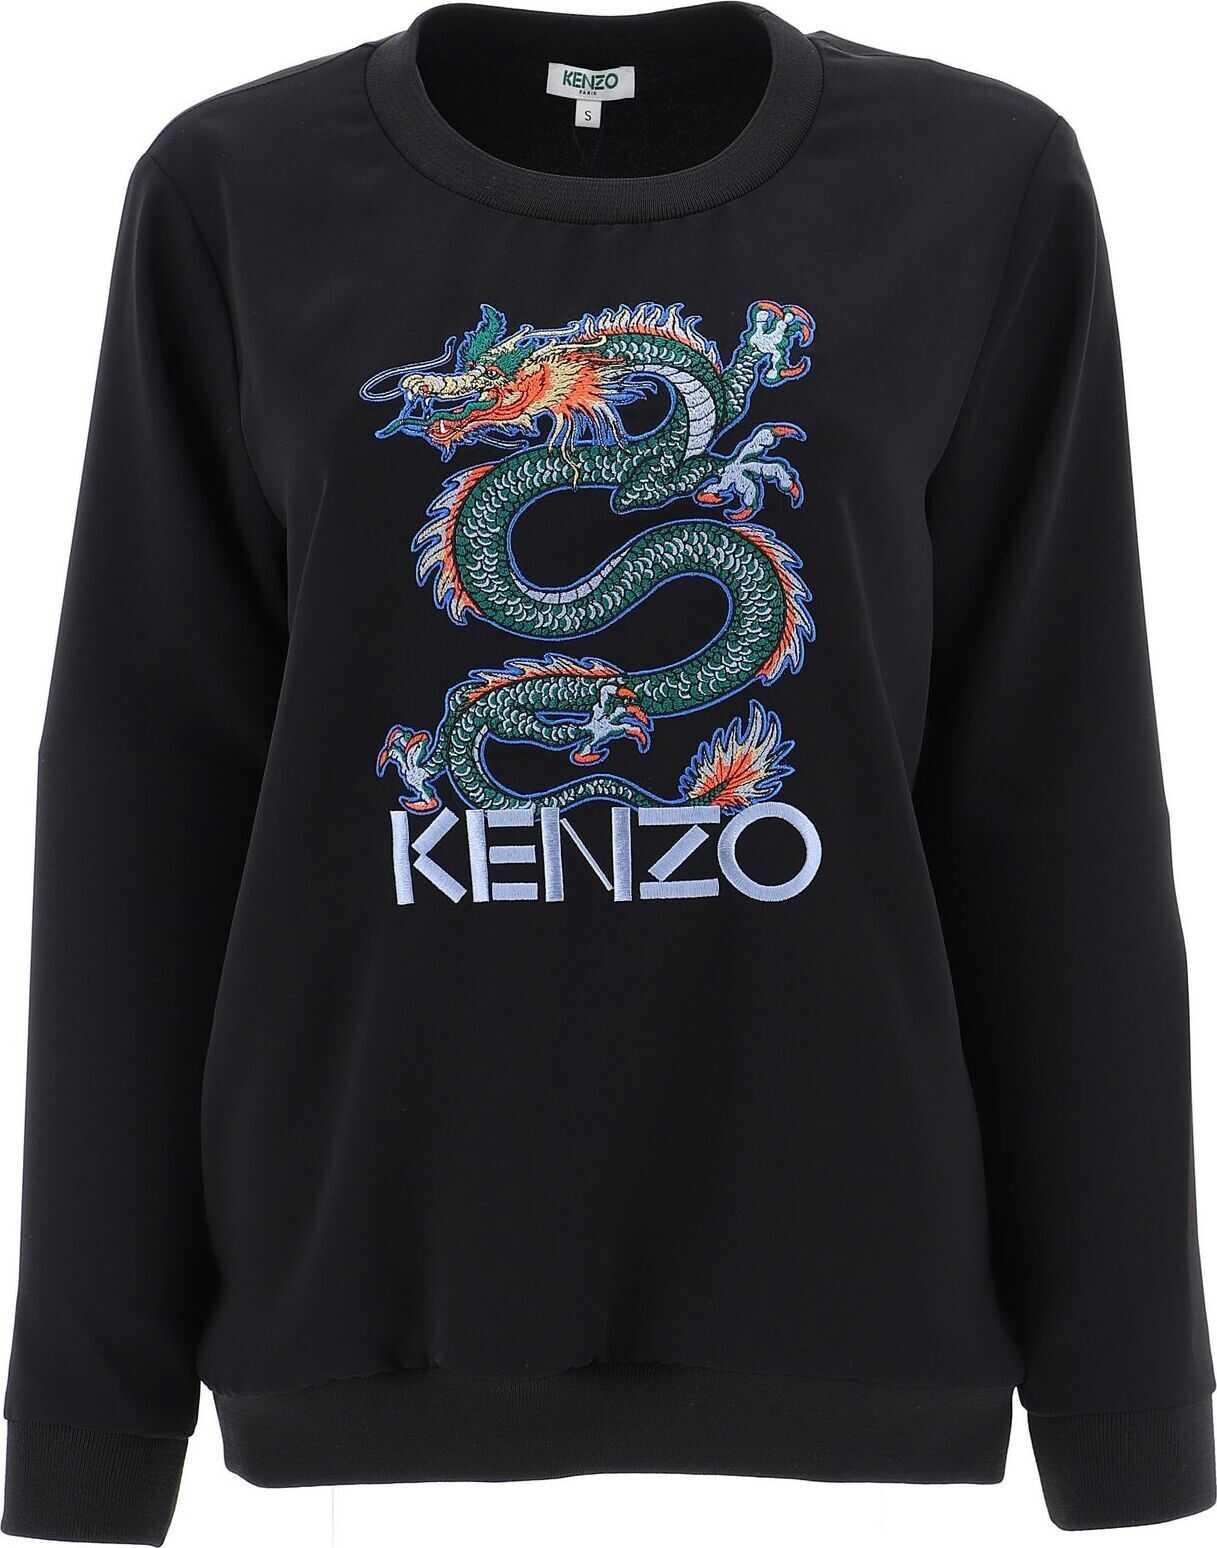 Kenzo Polyester Sweatshirt BLACK